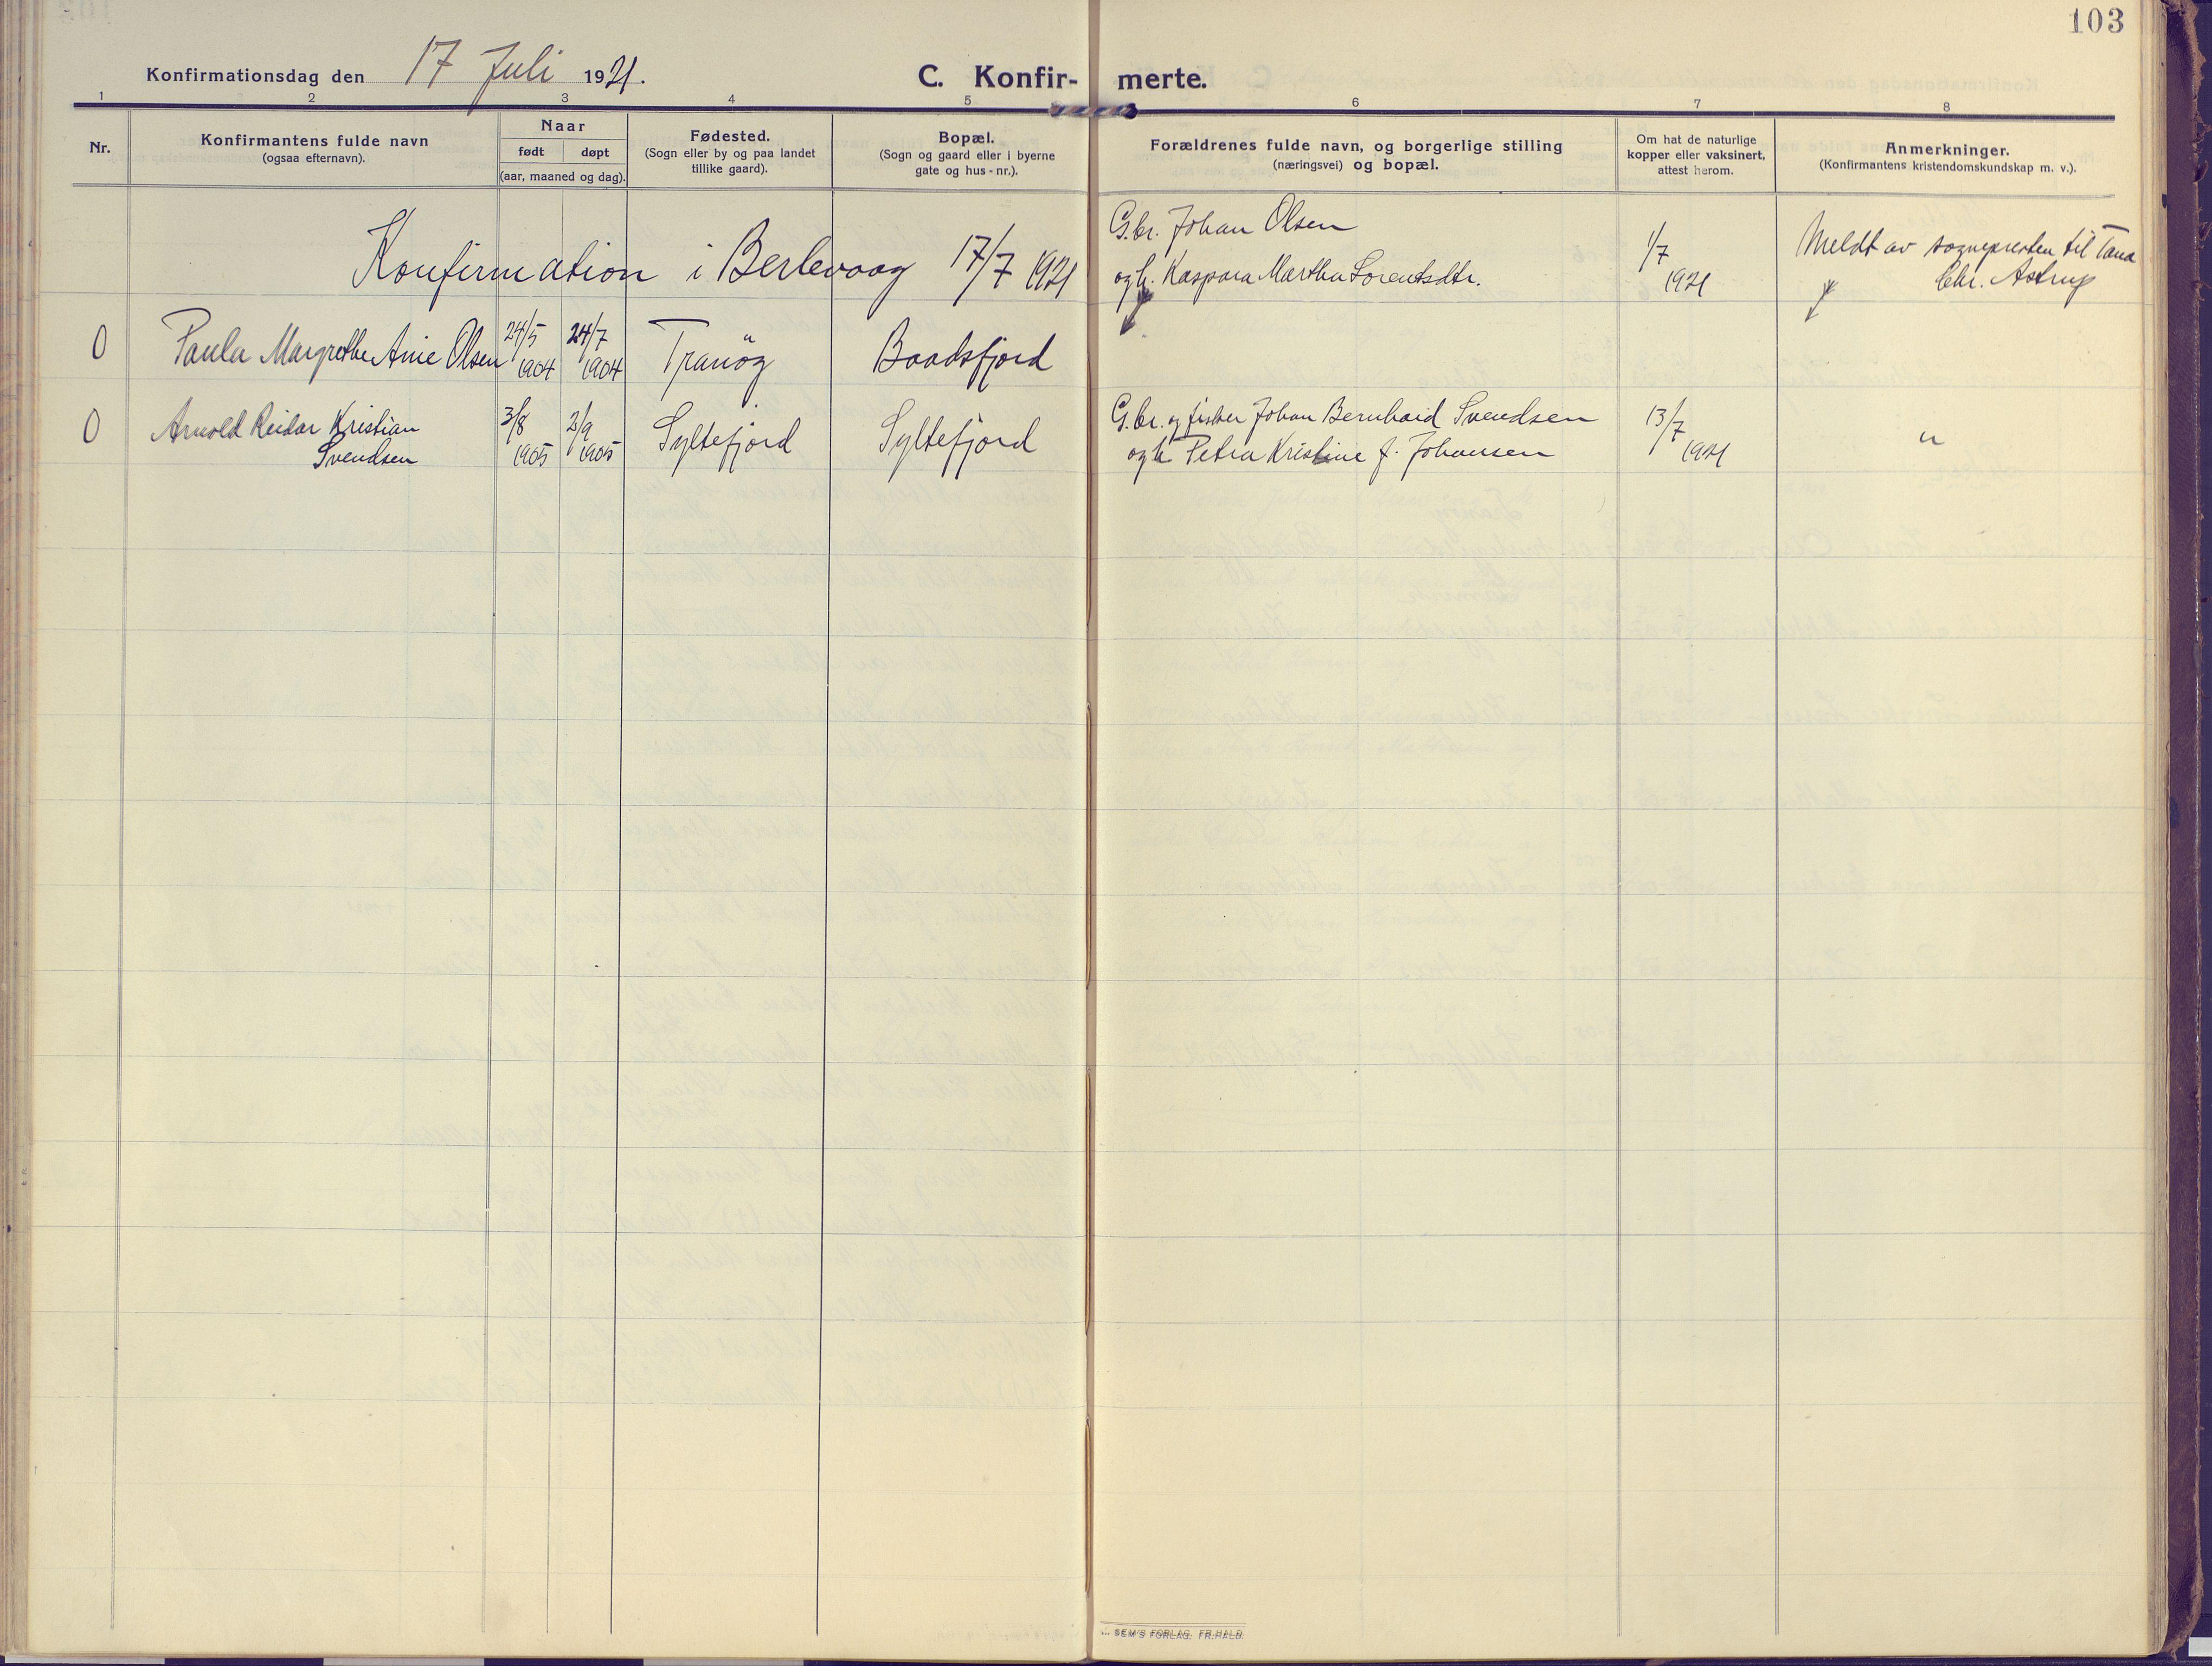 SATØ, Vardø sokneprestkontor, H/Ha/L0013kirke: Ministerialbok nr. 13, 1912-1928, s. 103